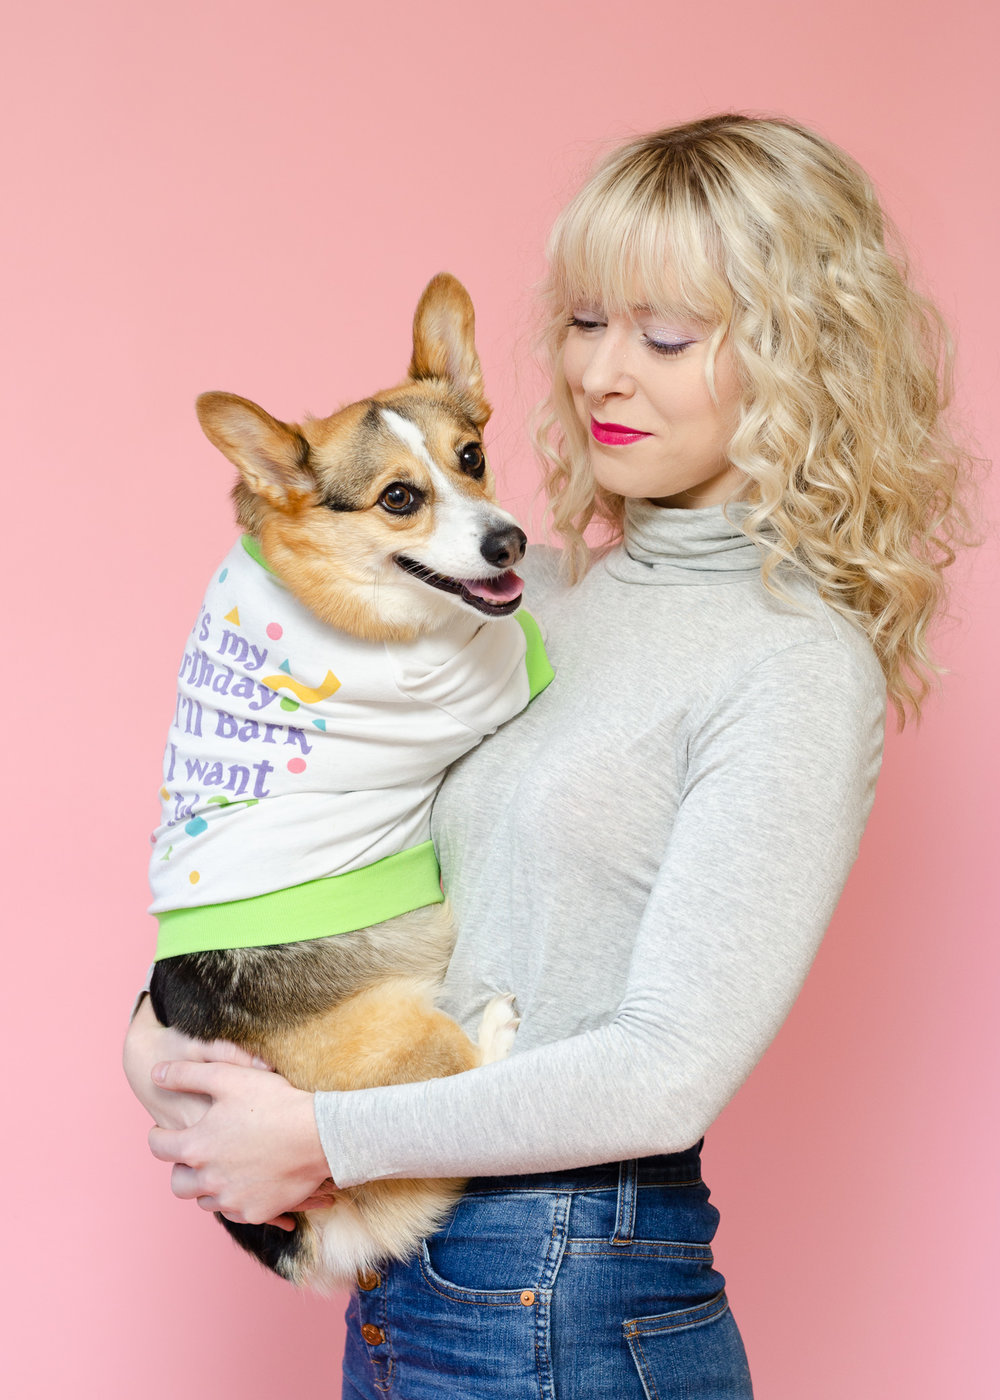 80s Fashion Pet Photoshoot Corgi Dog Los Angeles Photographer Miranda Kelton Photography